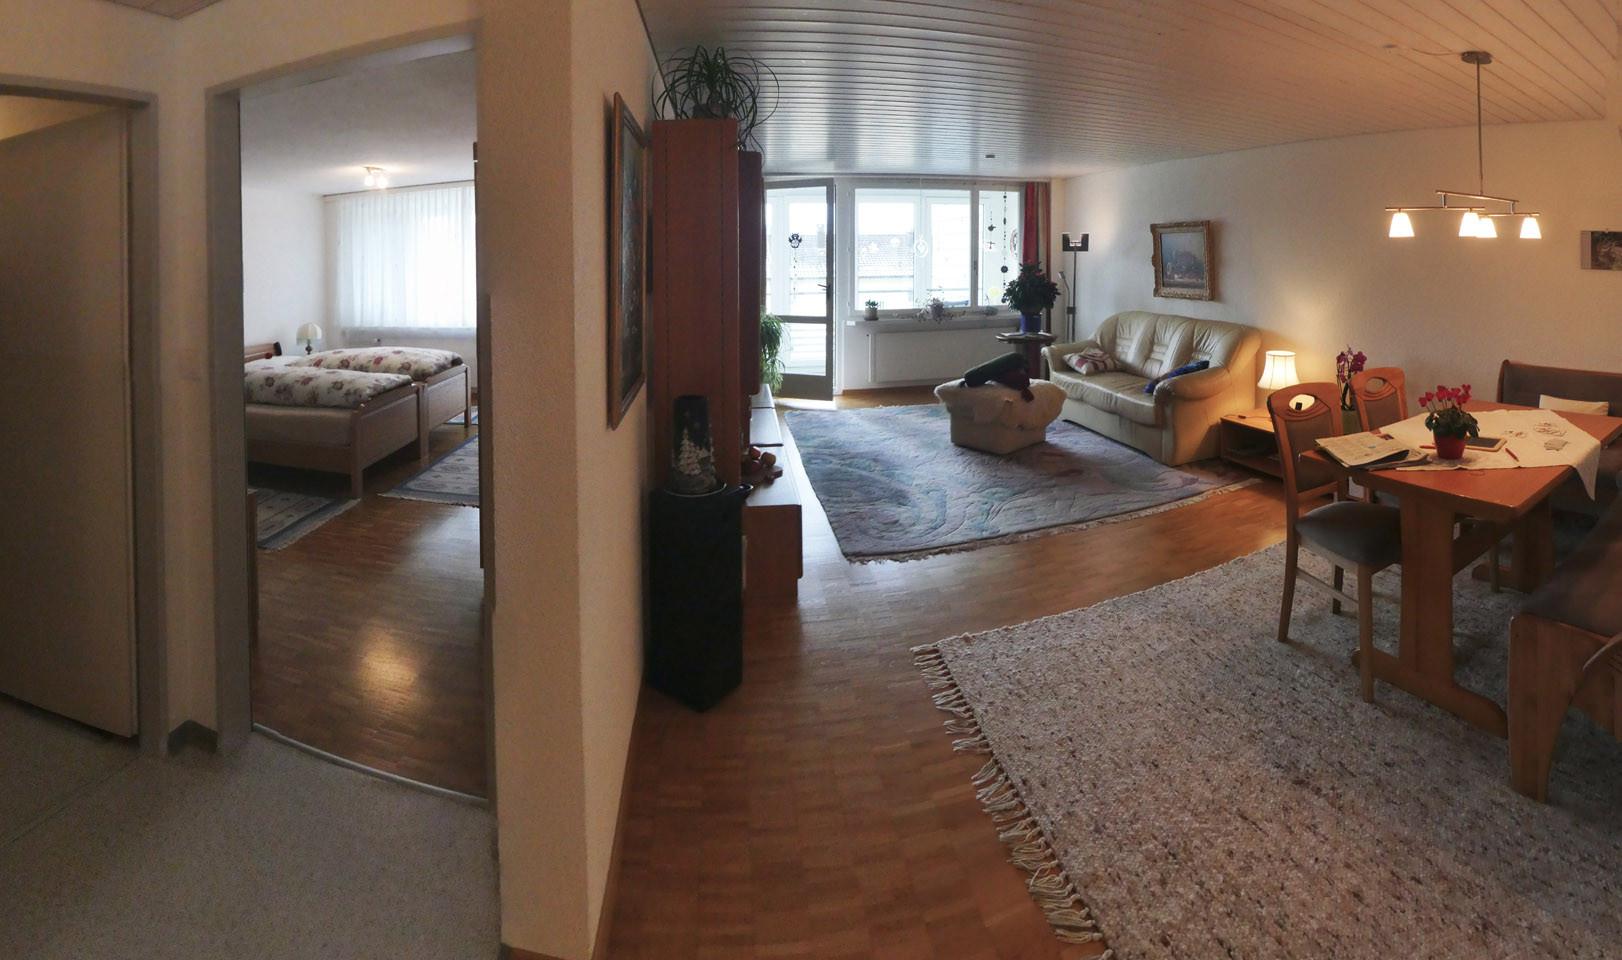 Schlafzimmer und Wohnzimmer